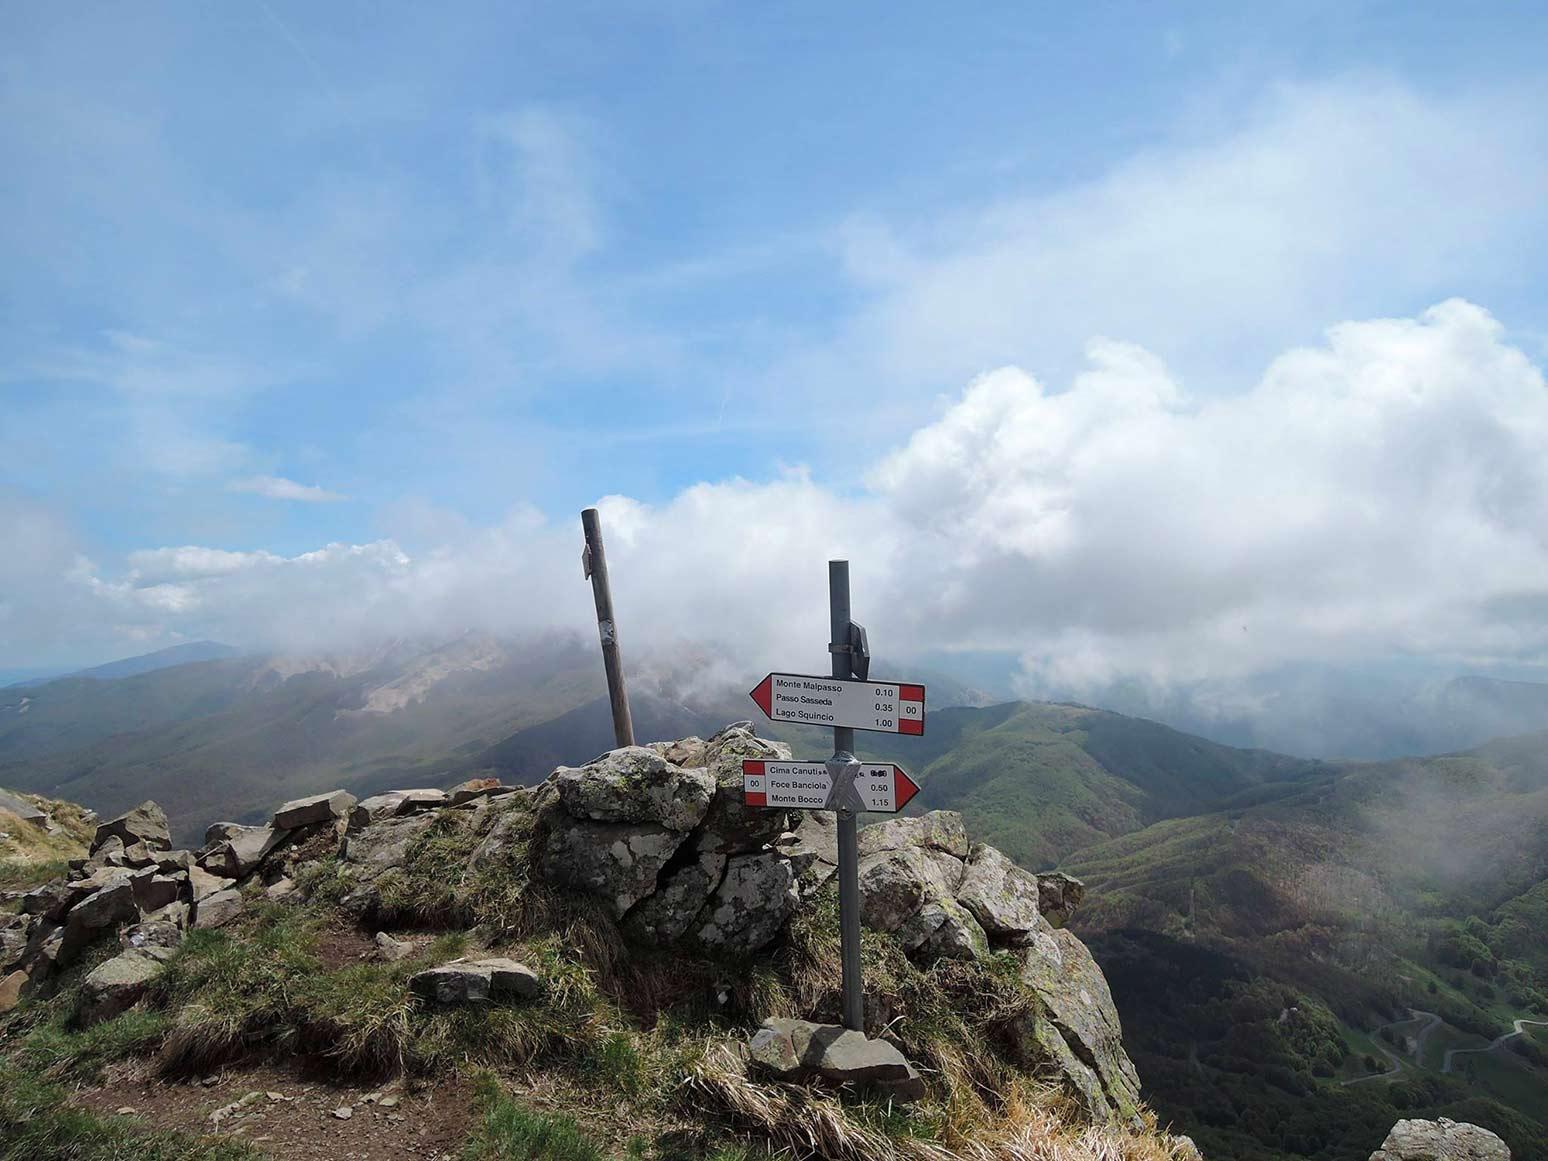 Alta Via Trail of the Parks